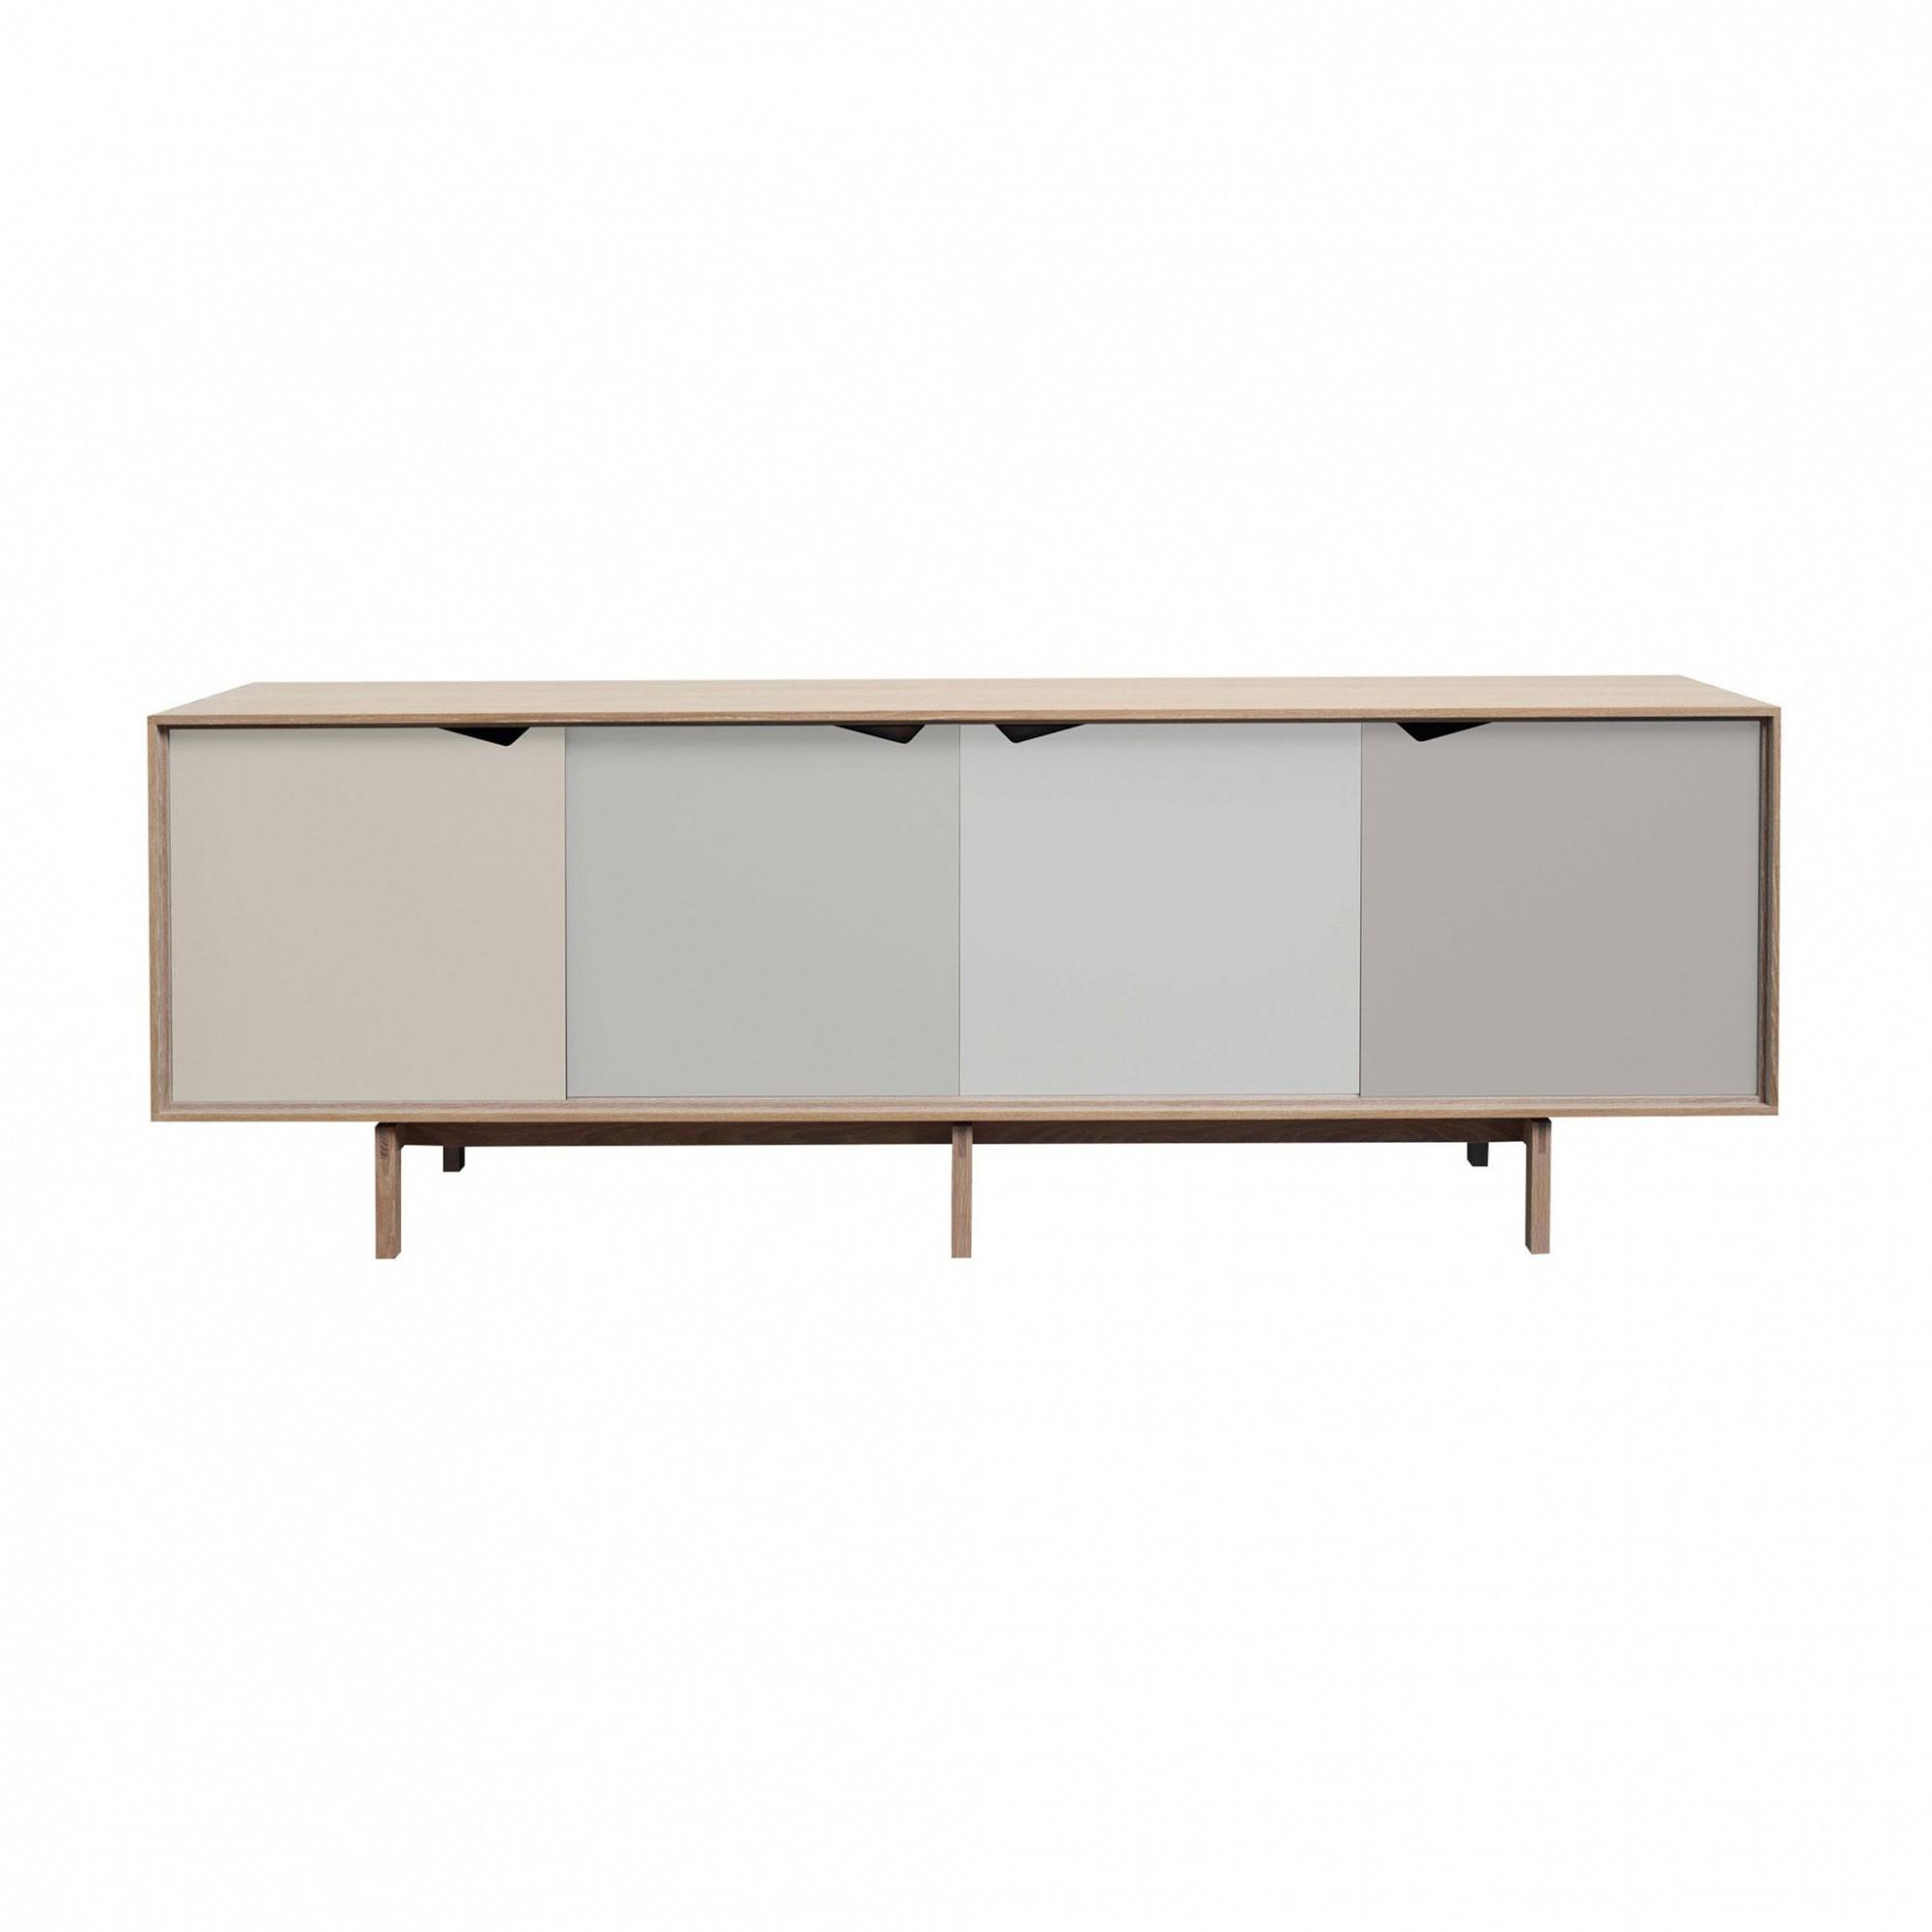 Andersen Furniture S1 Sideboard Turen Bunt Ambientedirect